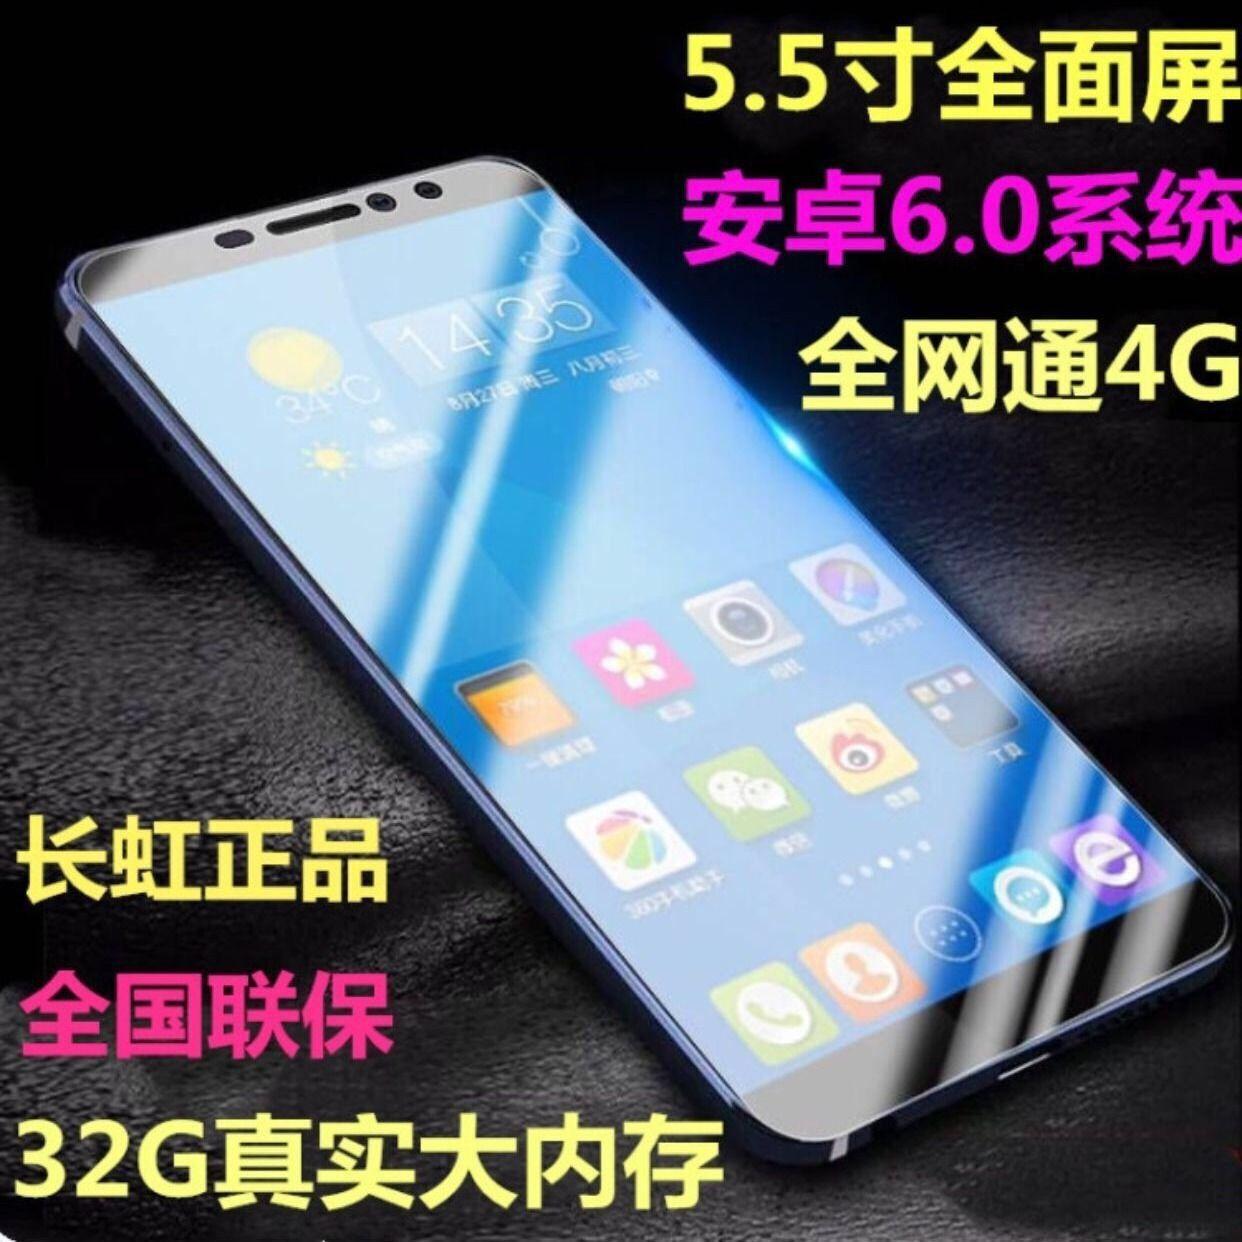 Changhong/长虹 S18/S16全网通4G5.5寸超薄安卓智能手机指纹一体